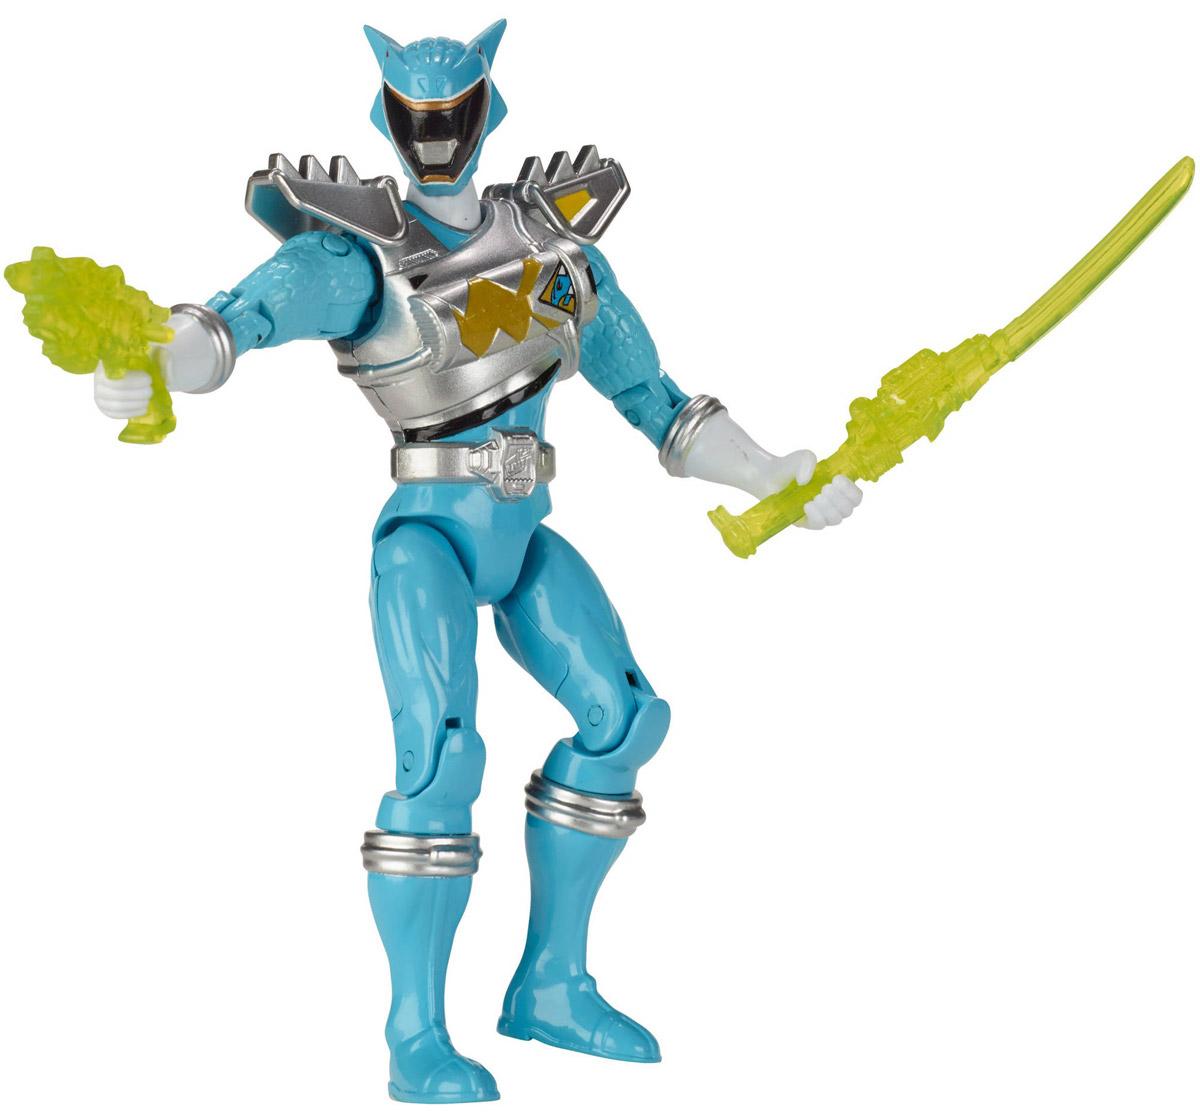 Power Rangers Фигурка Aqva Ranger bandai bandai power rangers игровой набор могучие рейнджеры рейнджер с оружием